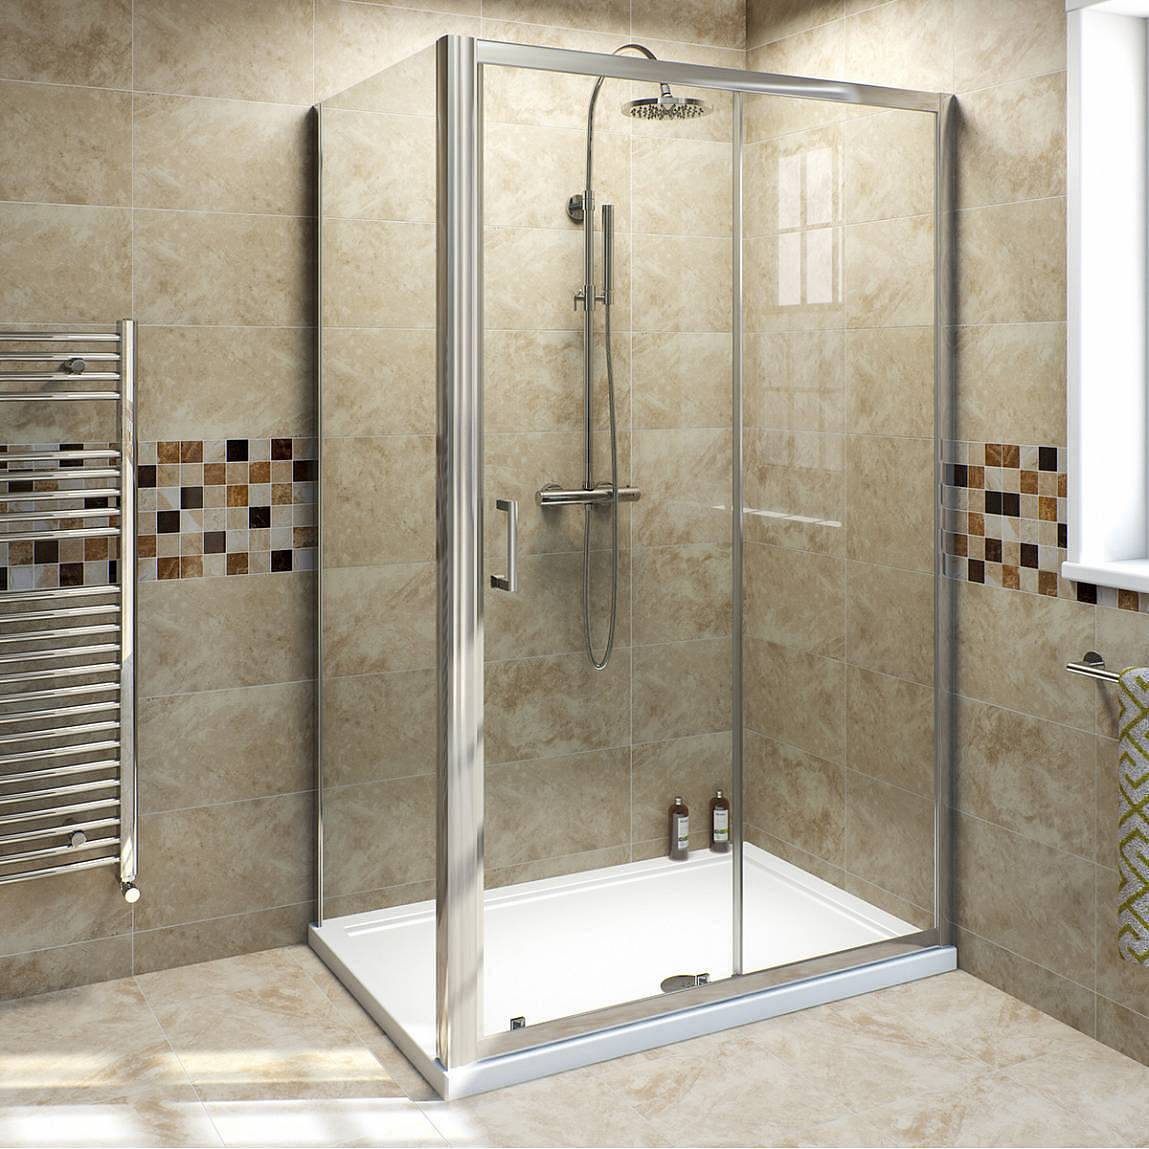 Image of V6 Sliding Shower Enclosure 1600 x 800